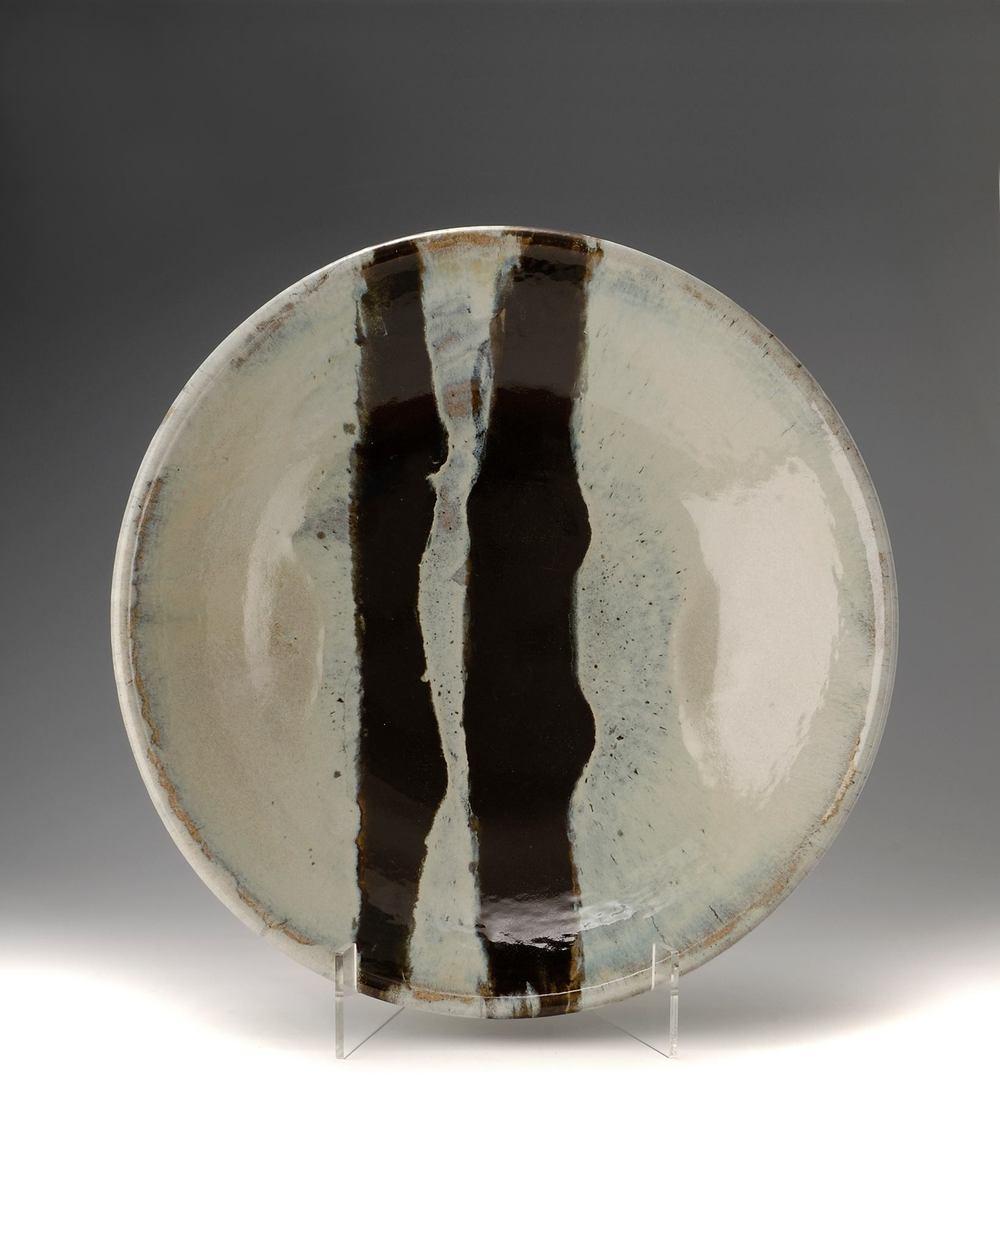 James Hake - Large Plate